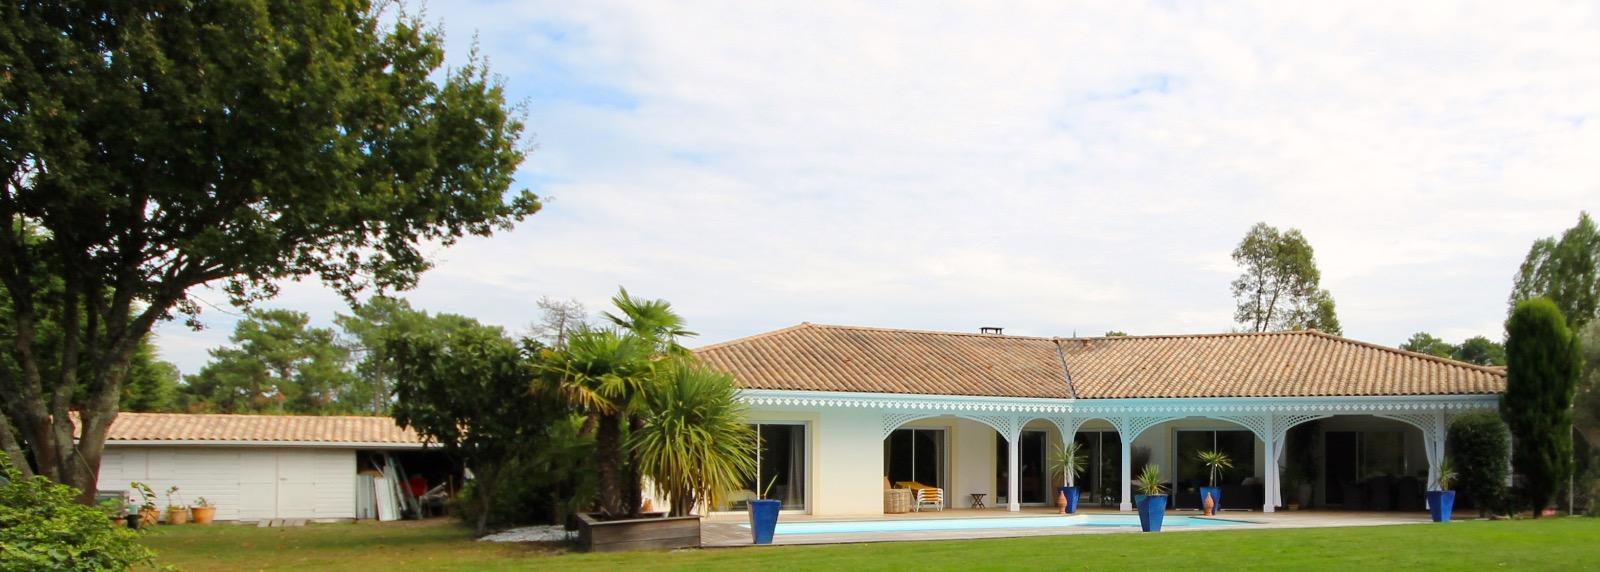 vente villa gujan mestras 33470 177m avec 5 pi ce s dont 3 chambre s sur 1374m de terrain. Black Bedroom Furniture Sets. Home Design Ideas